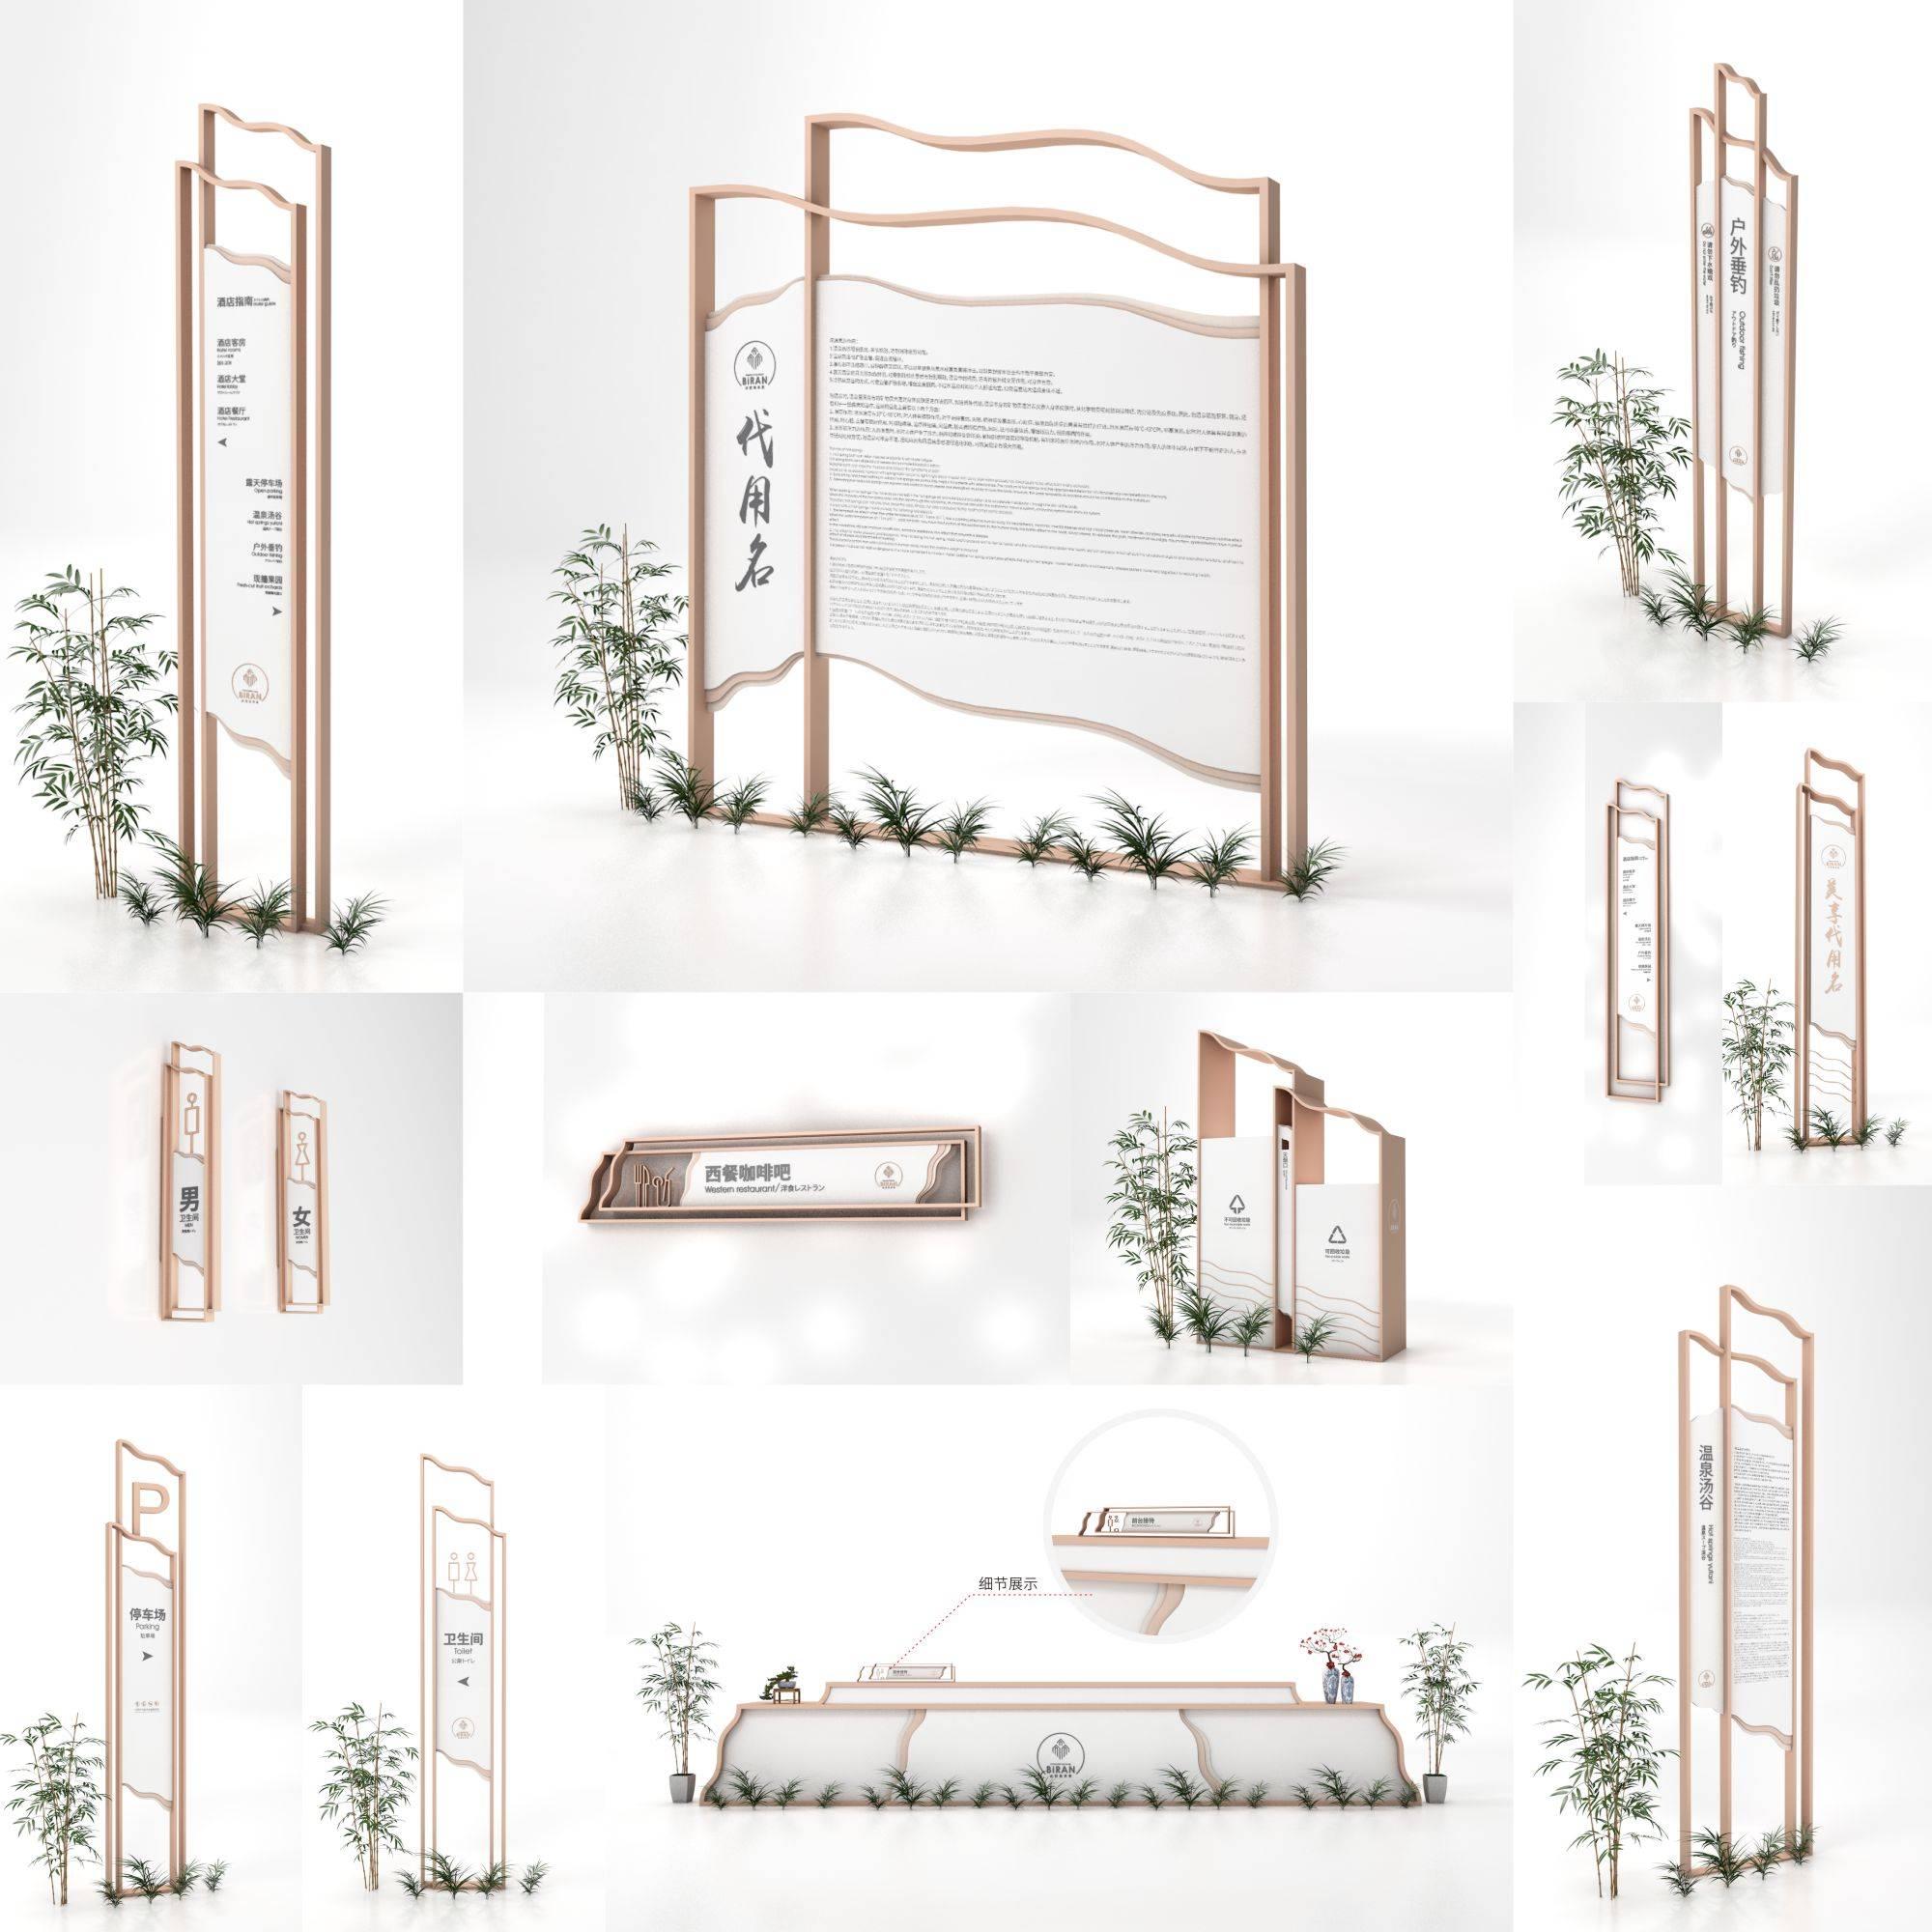 【必然云创· 原创作品系列】之《高档中国风度假村酒店标识导视系统设计》